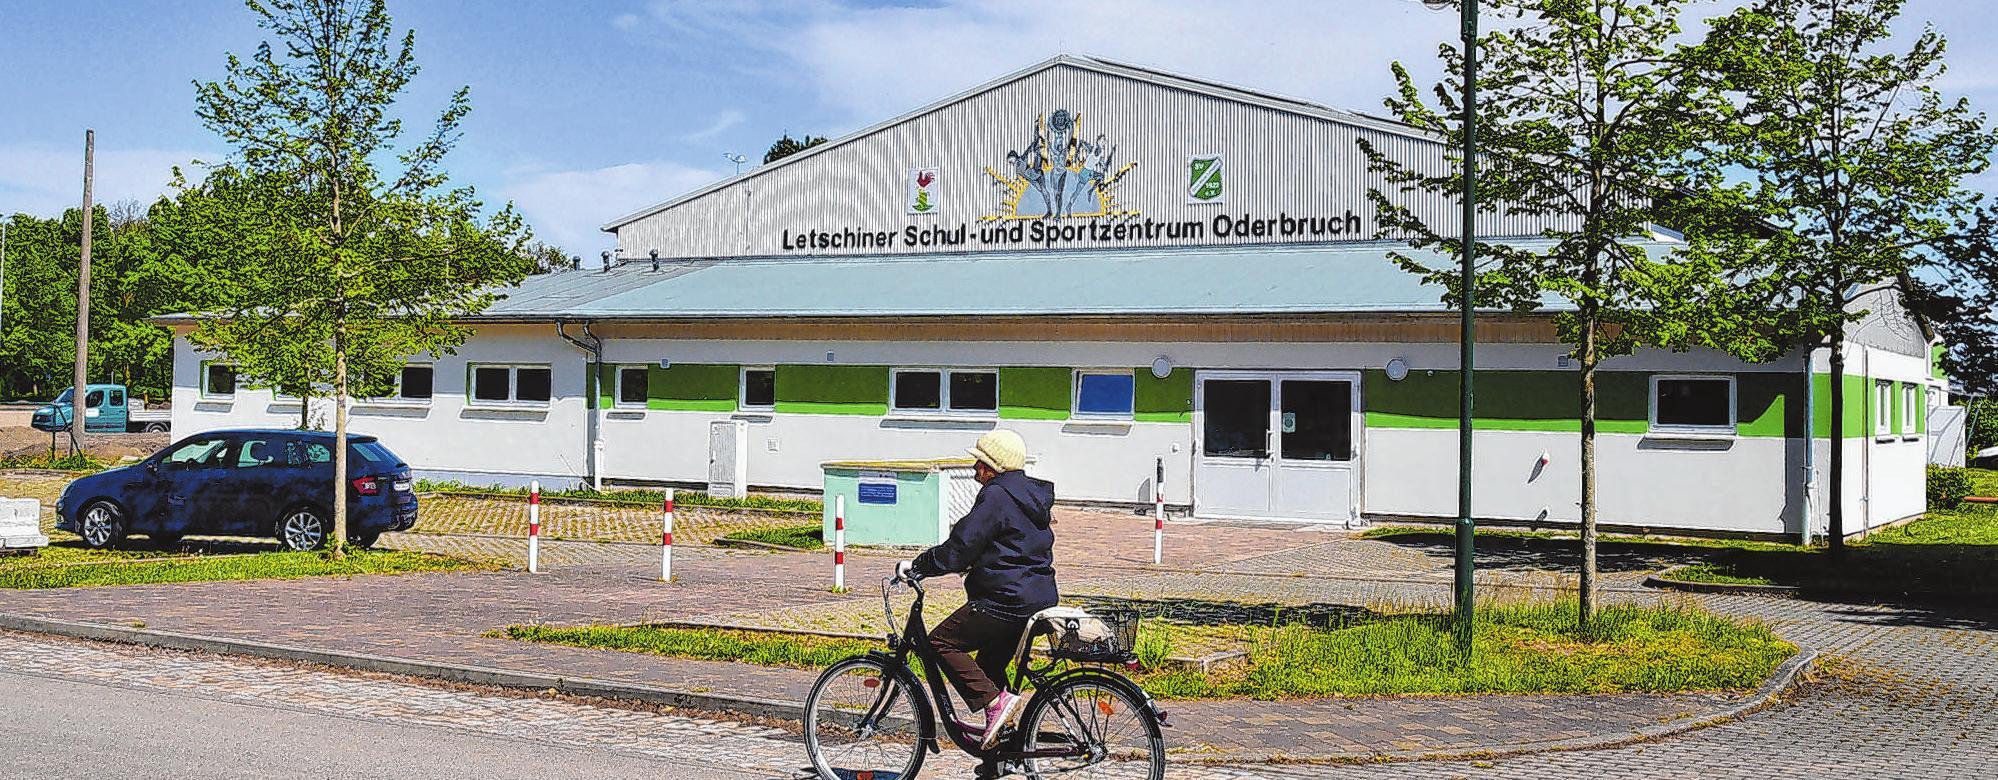 Wurde umfangreich saniert: das Letschiner Schul- und Sportzentrum Oderbruch